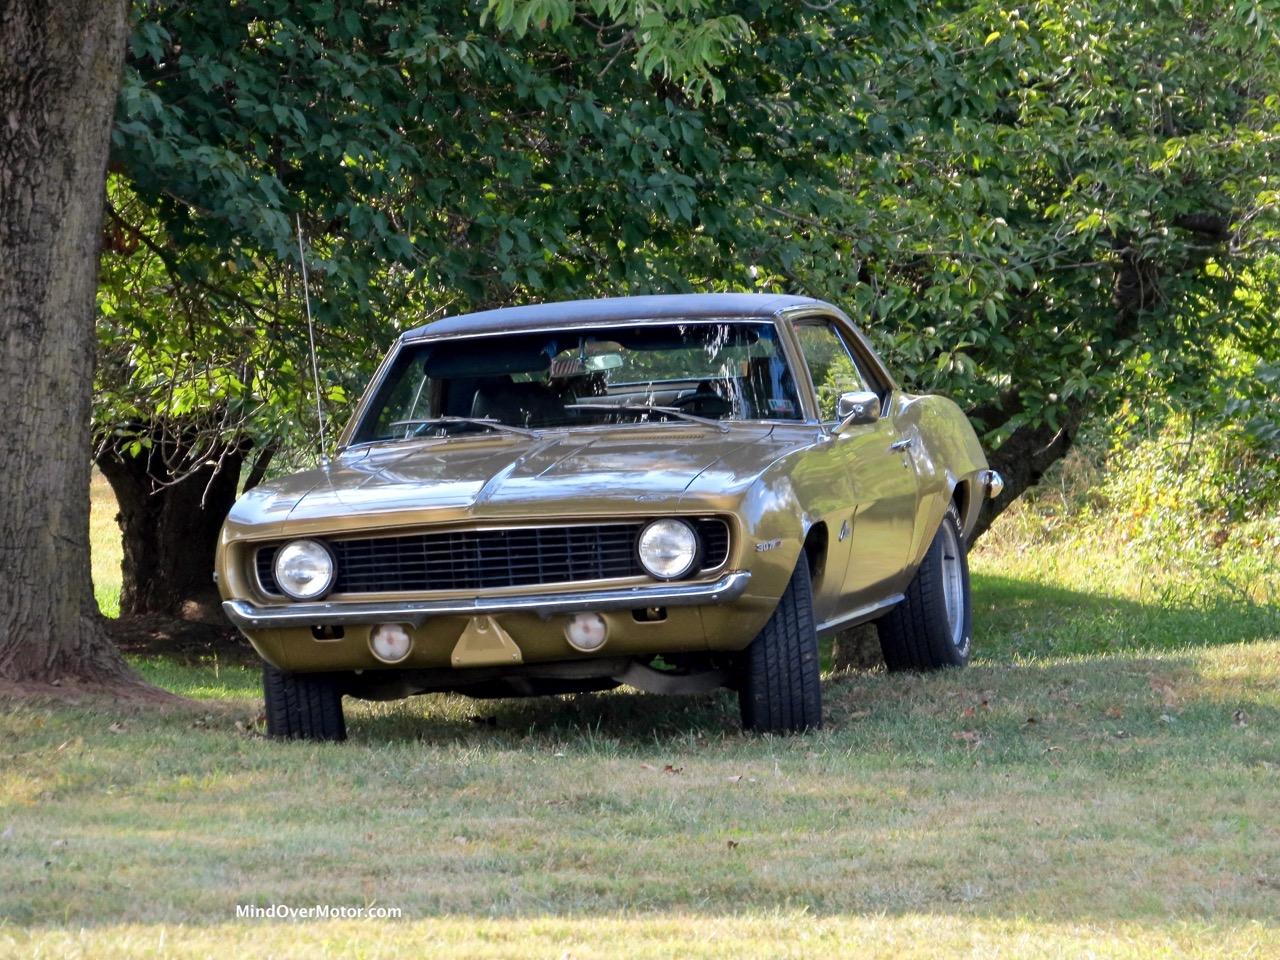 1969 Camaro Under a Tree